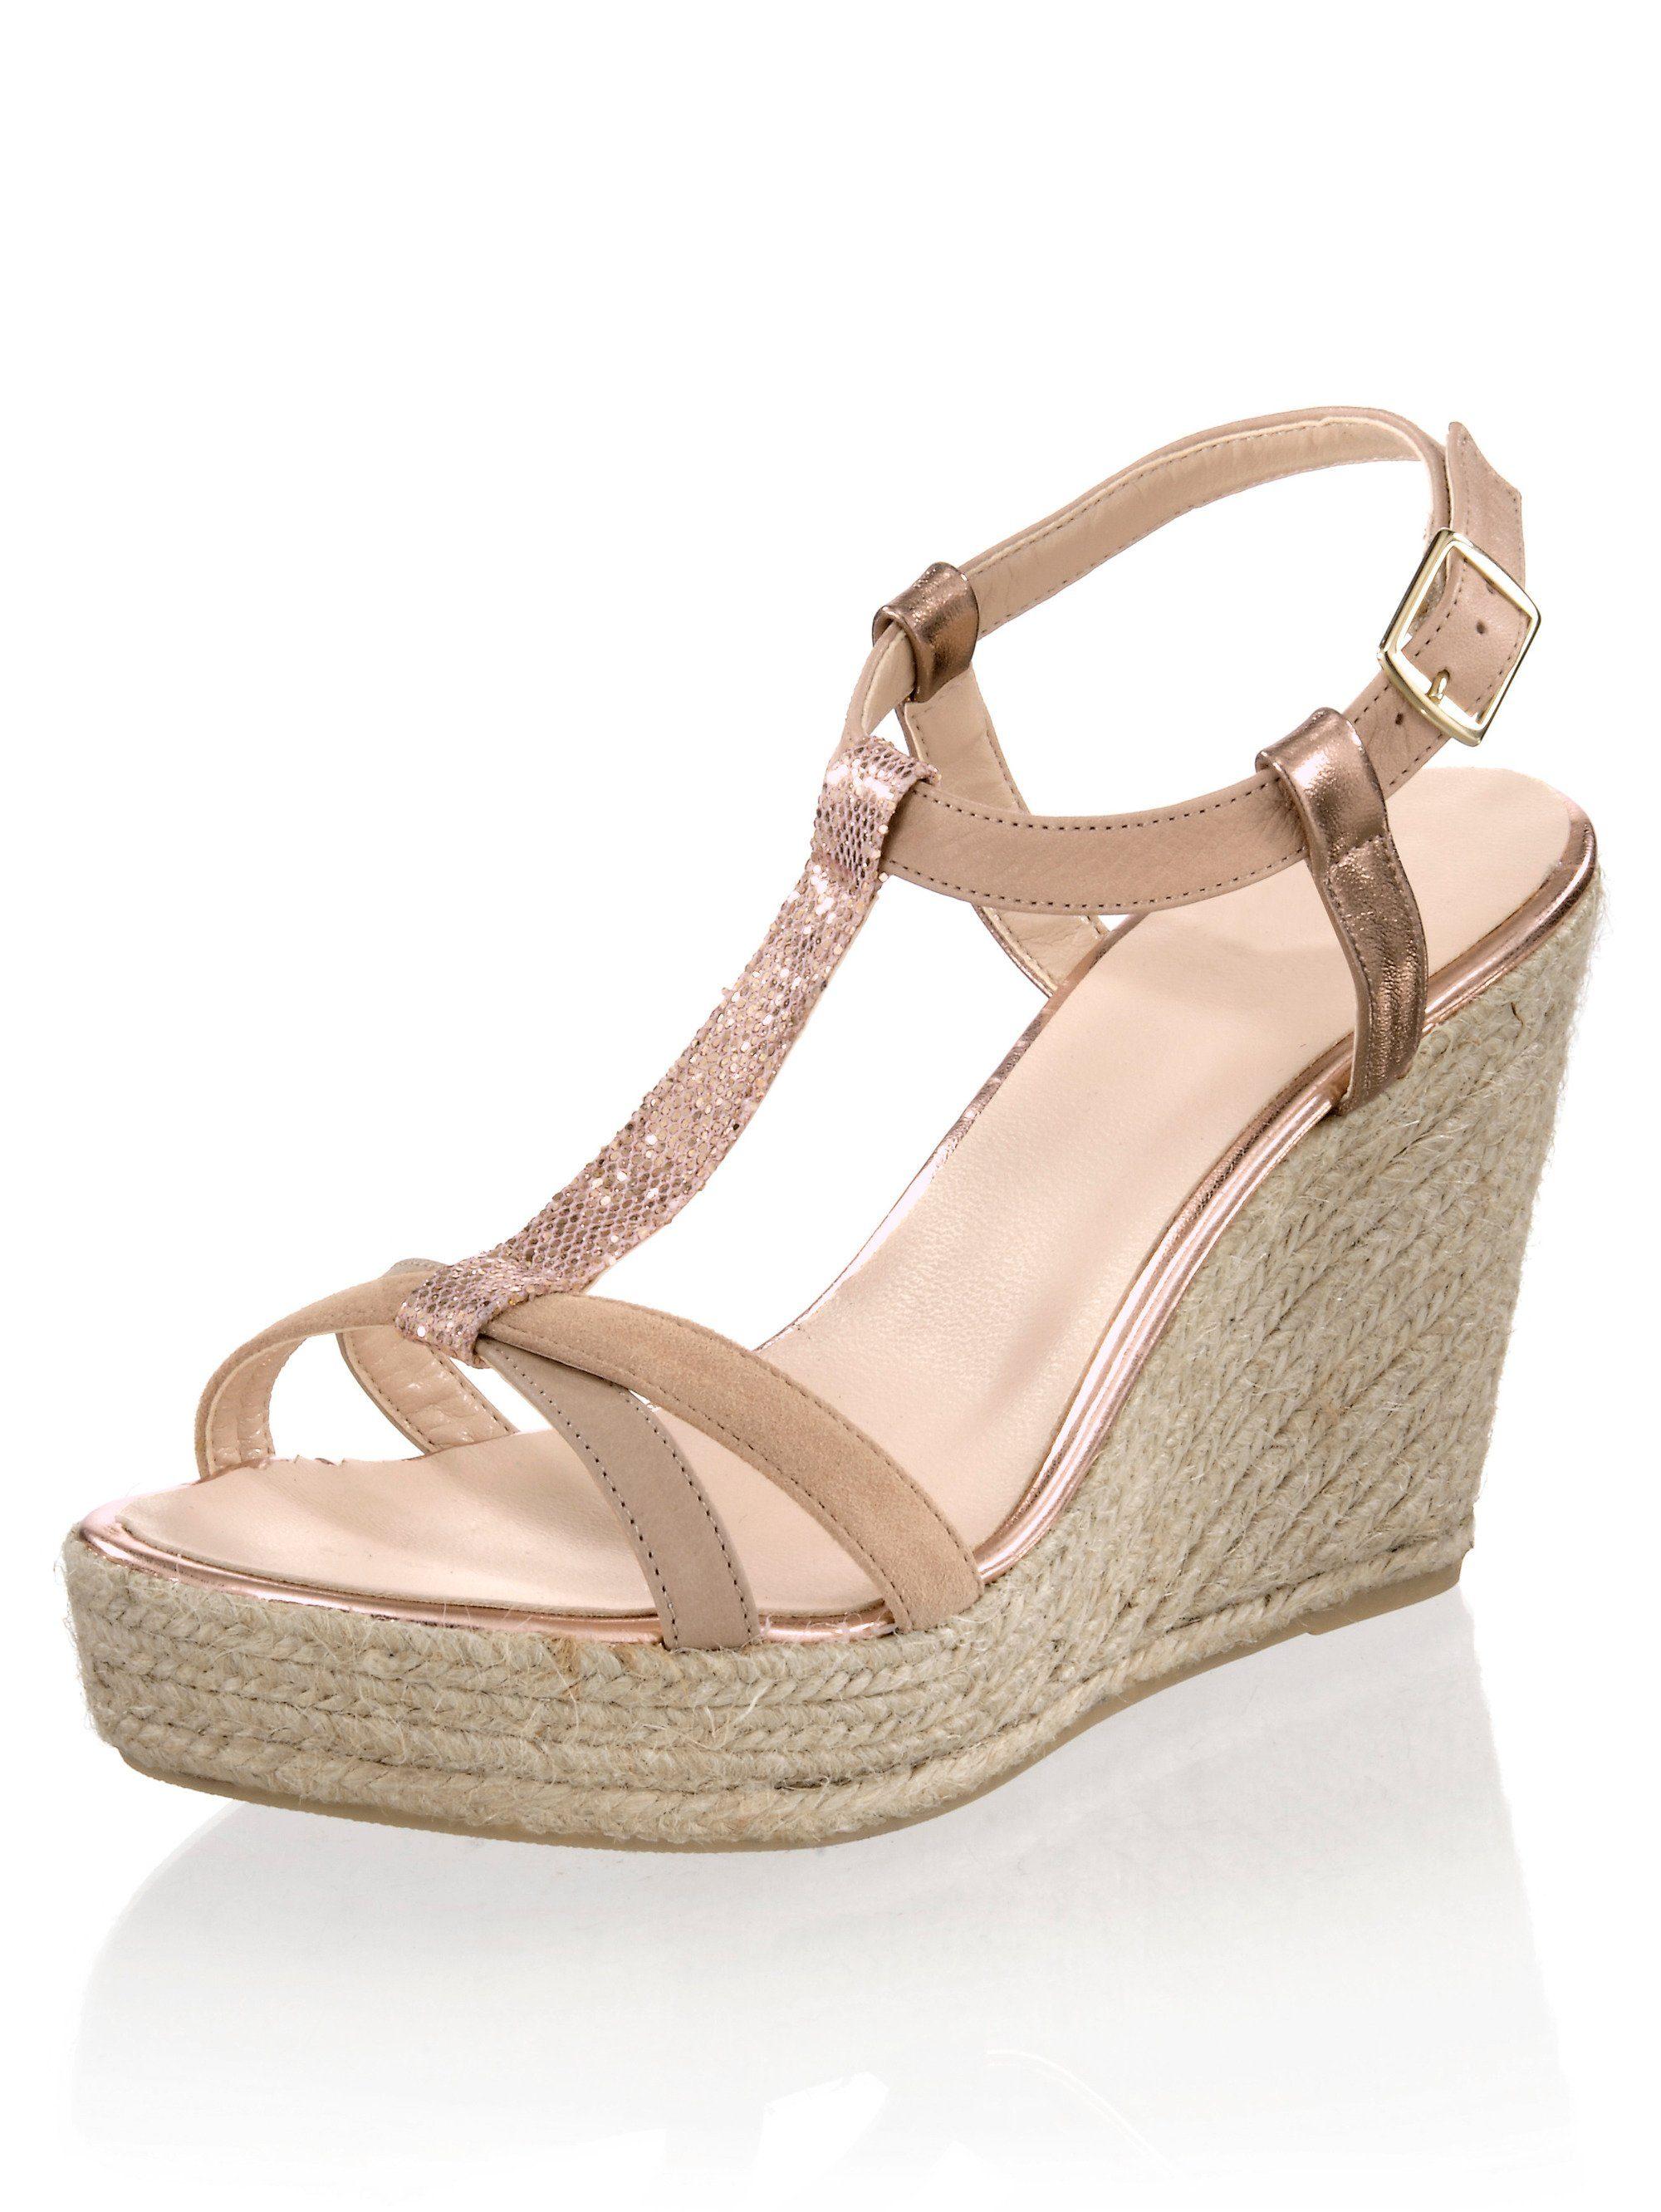 Alba Moda Sandalette mit sommerlichem Keilabsatz  nude